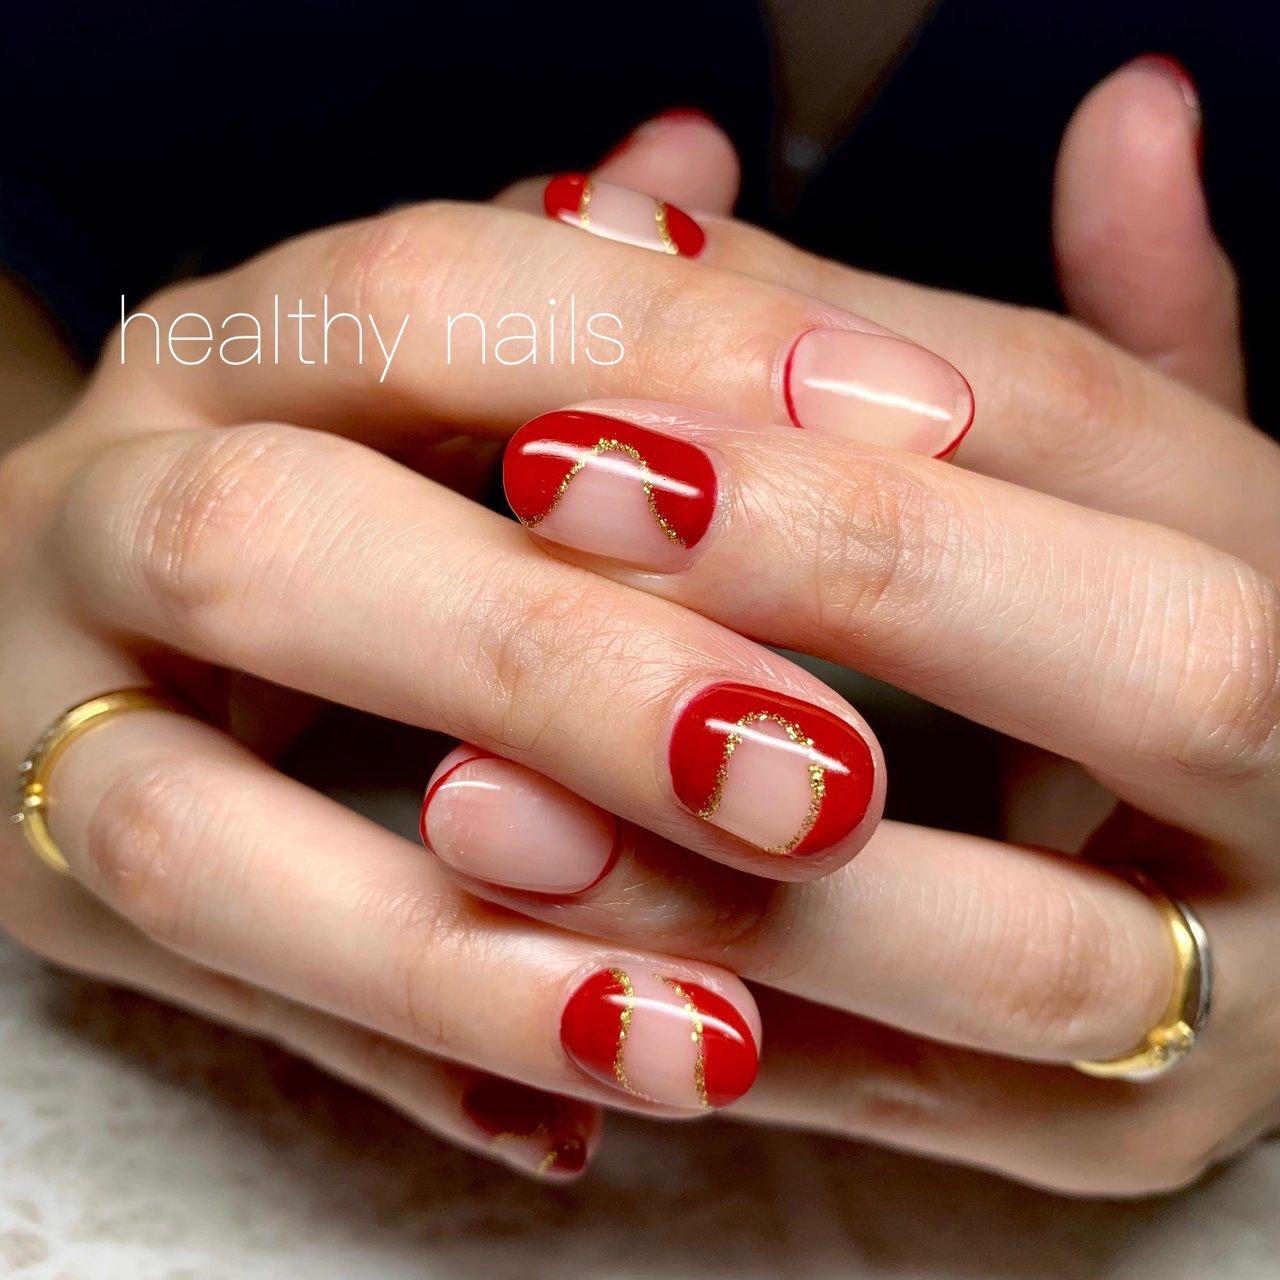 #個性派ネイル #オールシーズン #ショート #healthy nails #ネイルブック